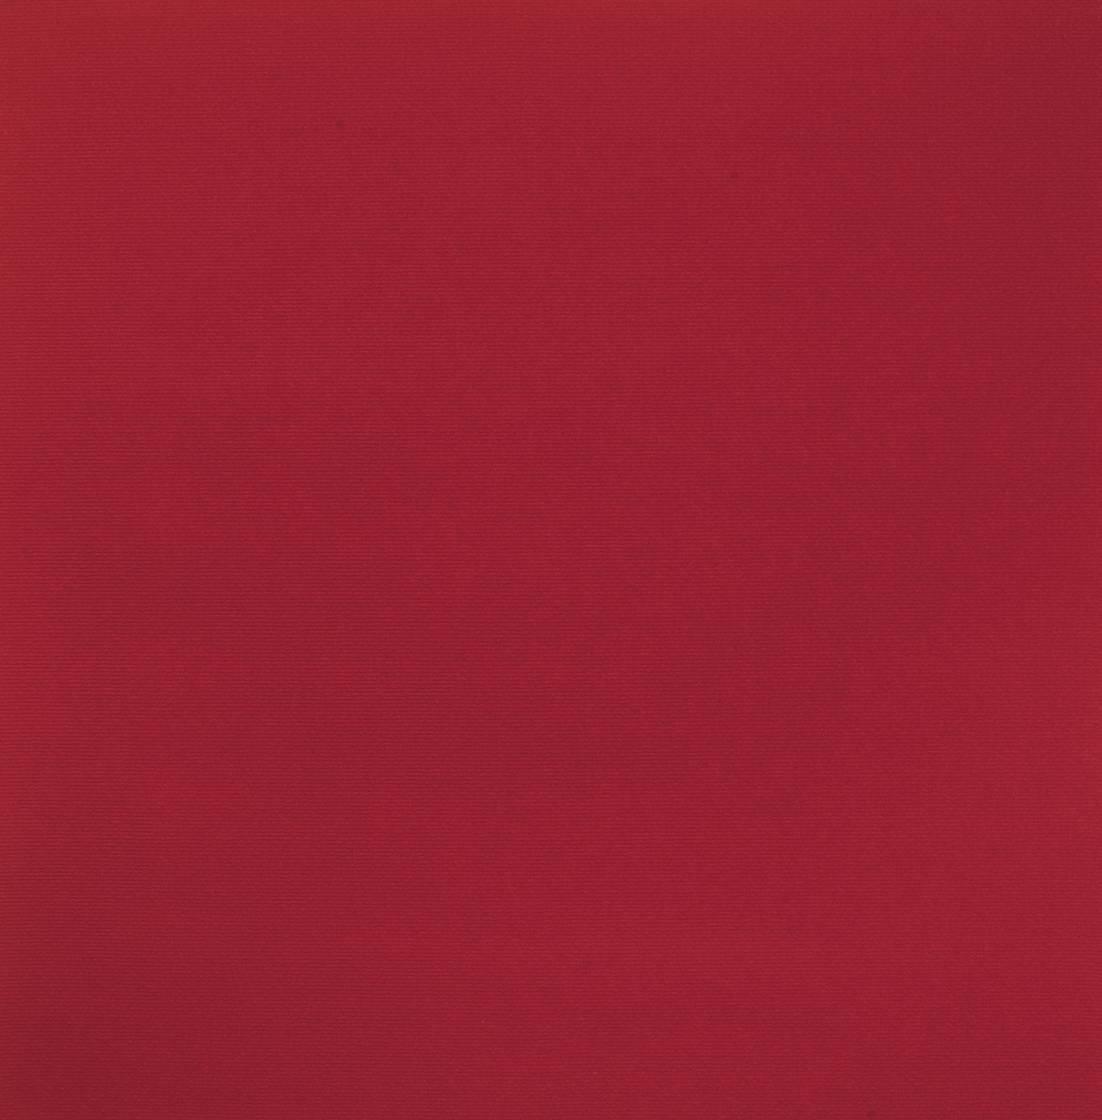 Eurorips - rubin, 1B37 im Stamm online Store München